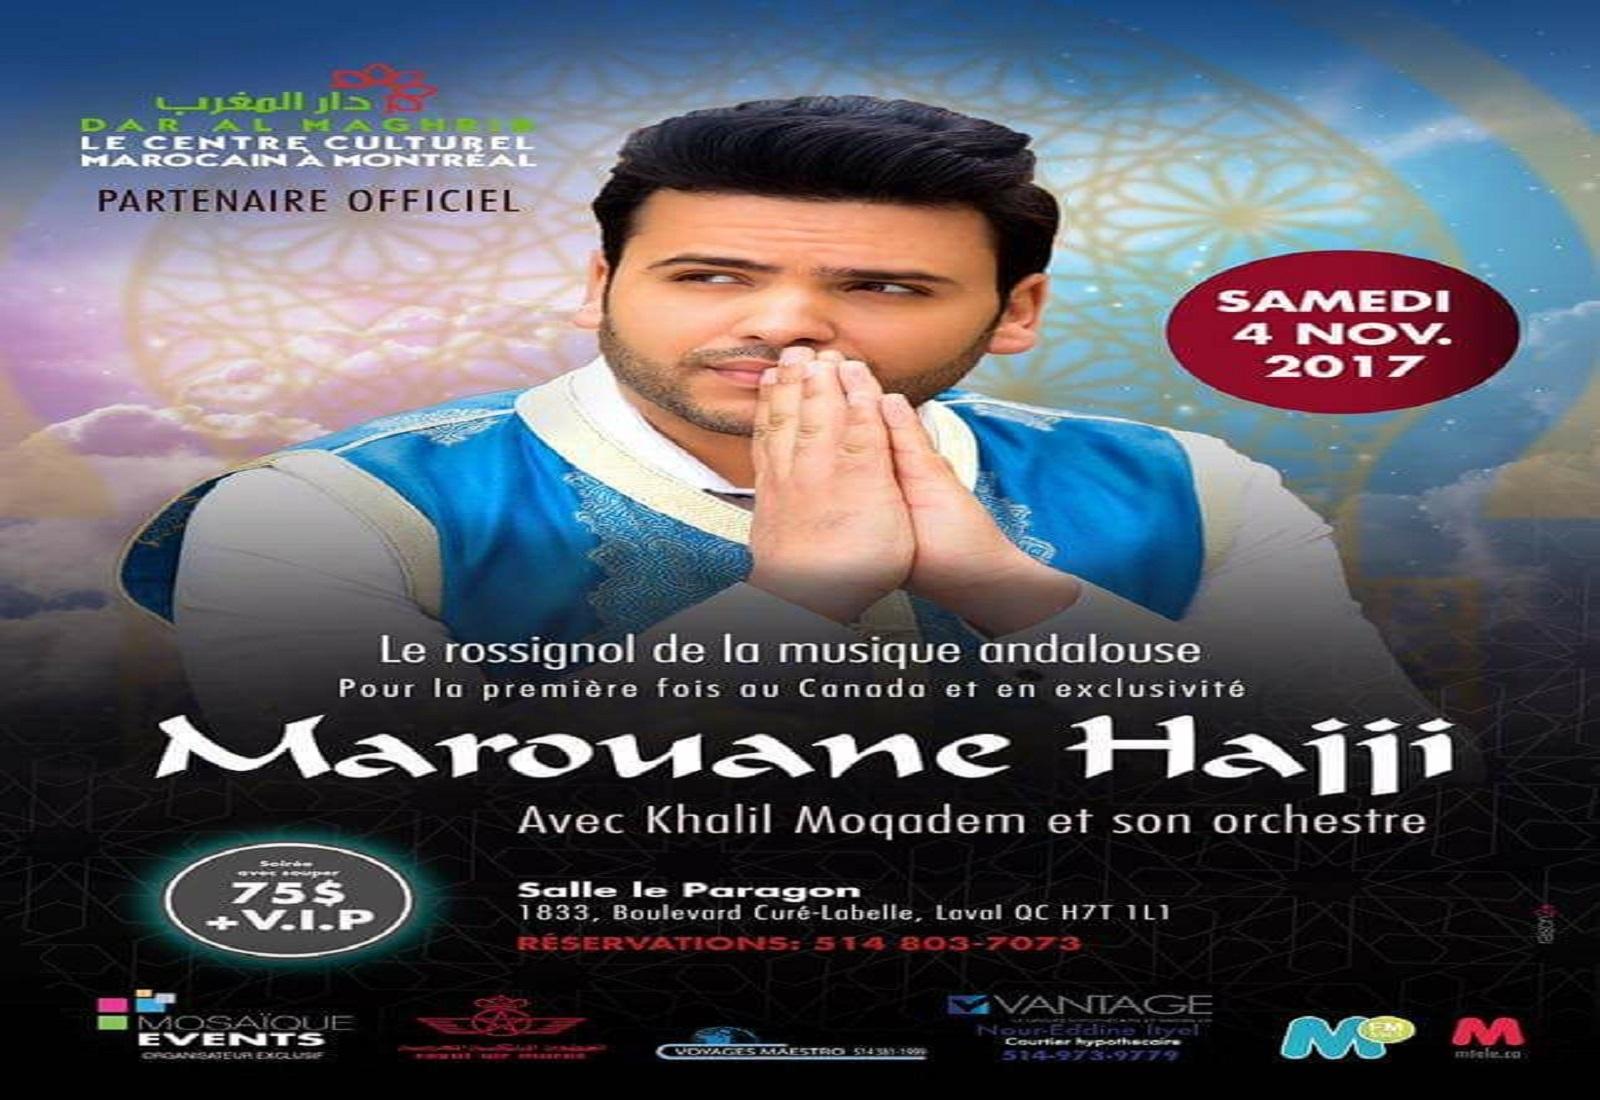 Marouane Hajji pour la peremière fois au Canada